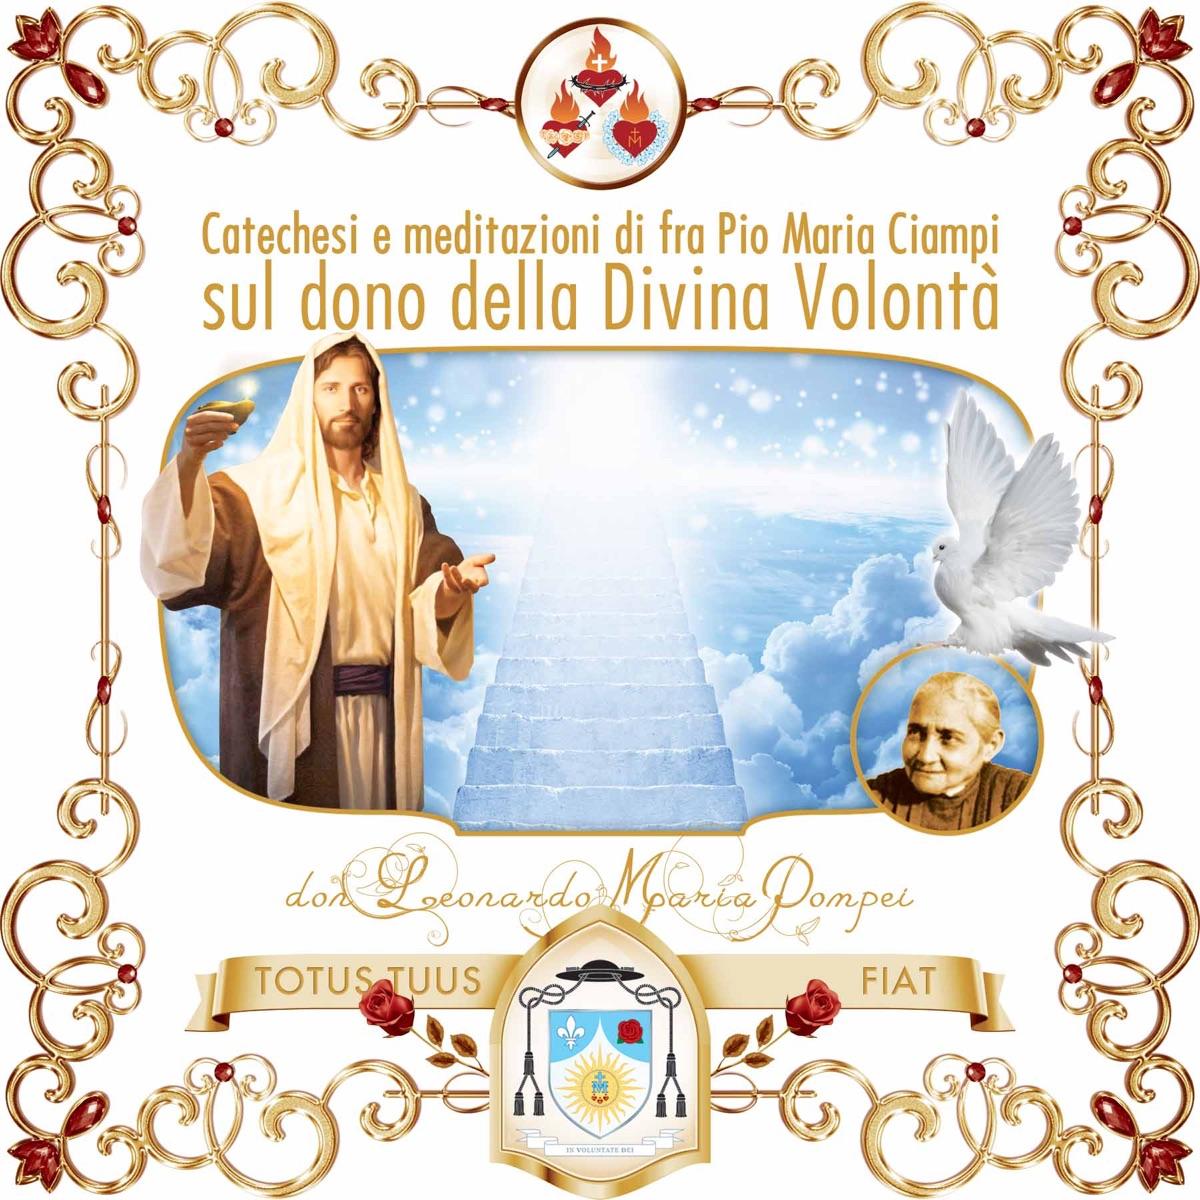 Catechesi e meditazioni sulla Divina Volontà di Fra' Pio Maria Ciampi